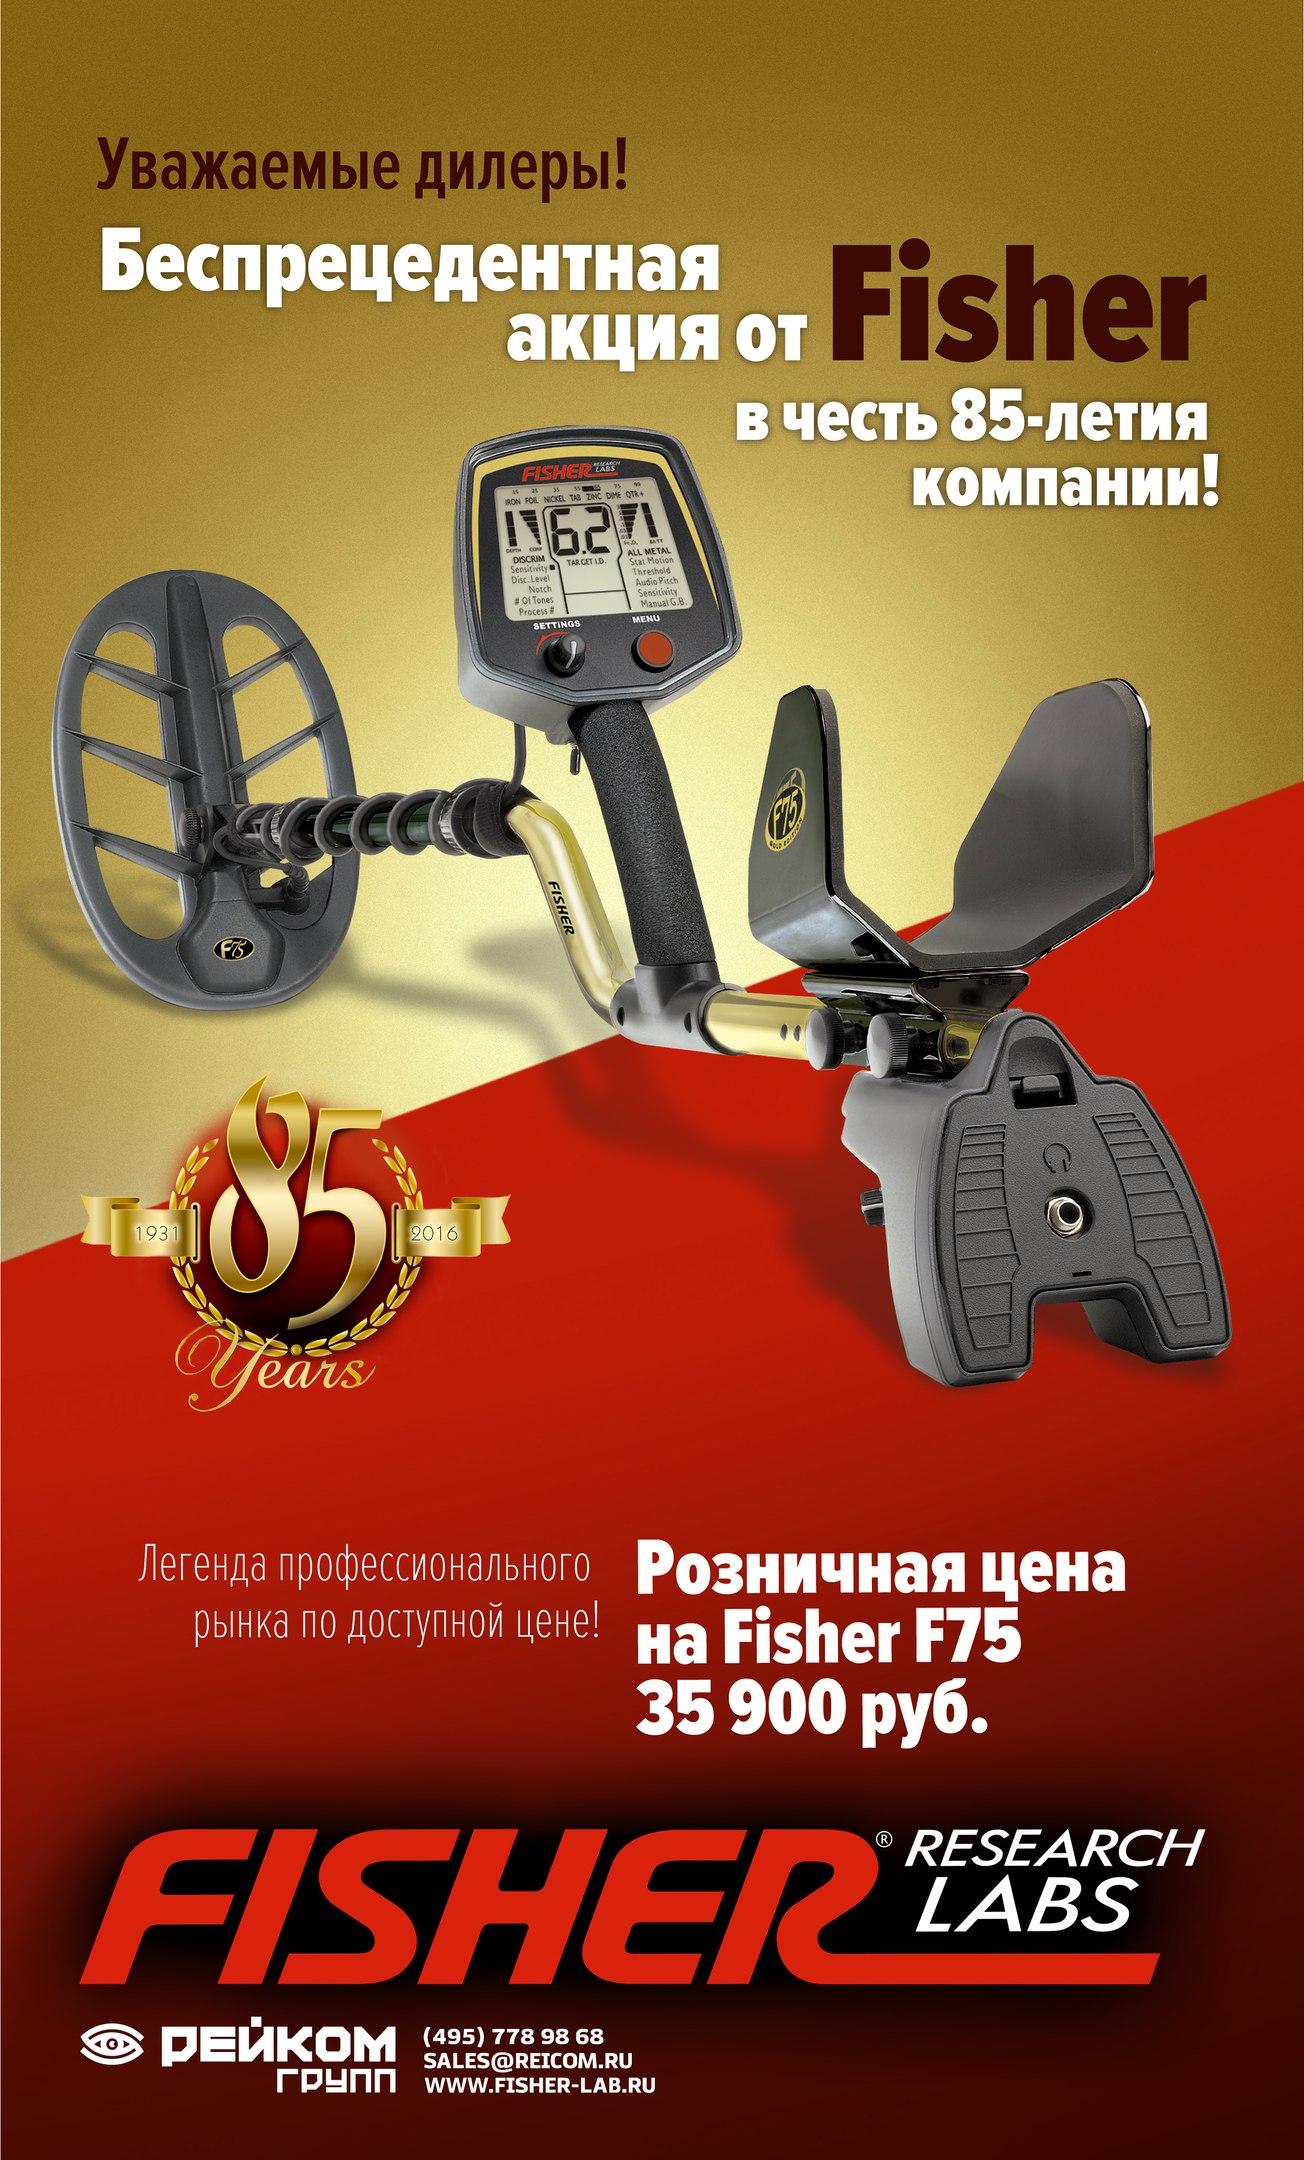 6a11aa4eab459 Акция у FisherLabs — Fisher F75 по специальной цене в честь юбилея ...